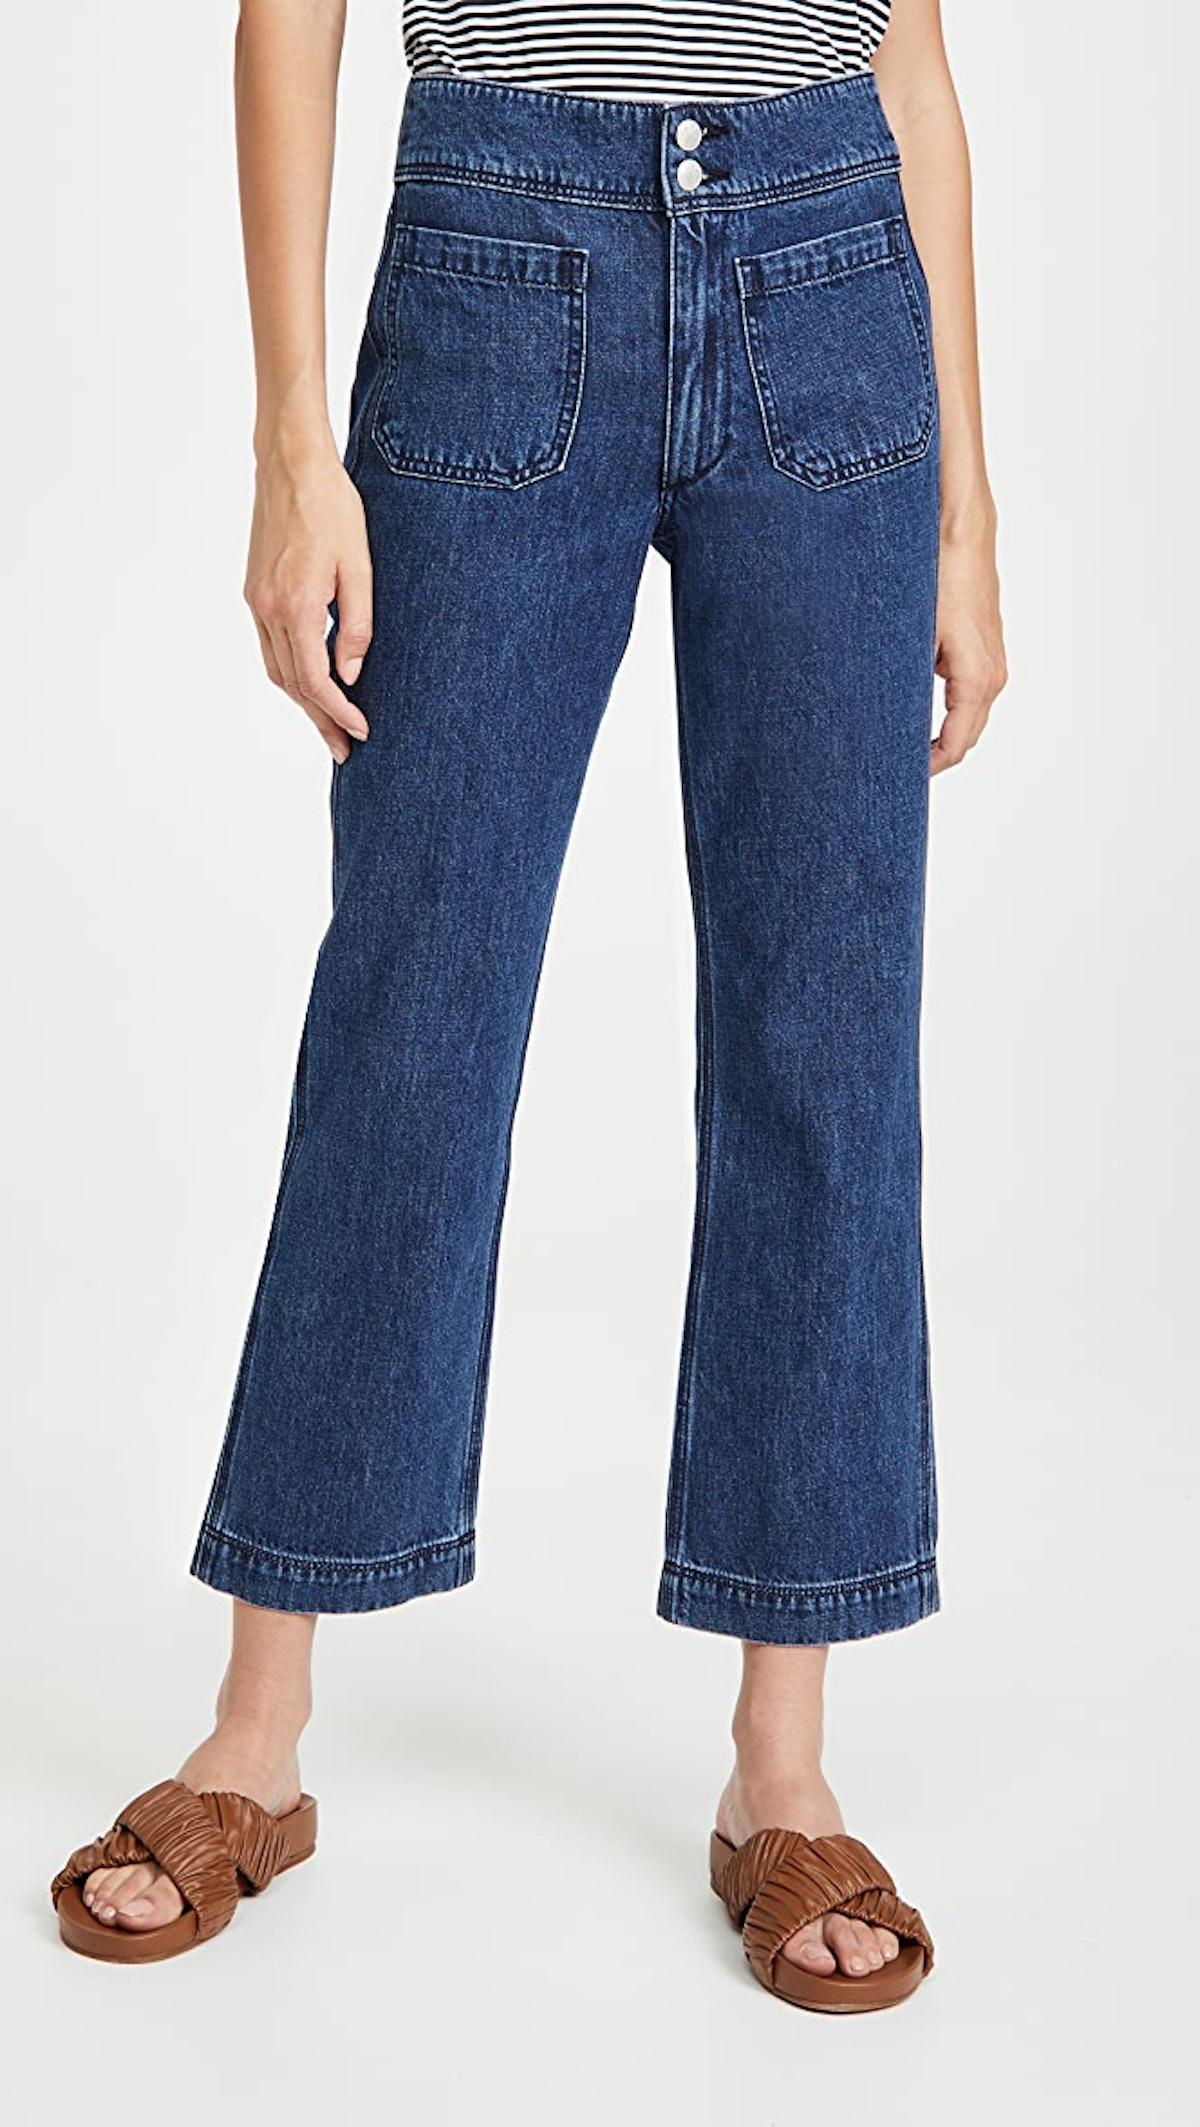 Women's Naval Crop Jeans